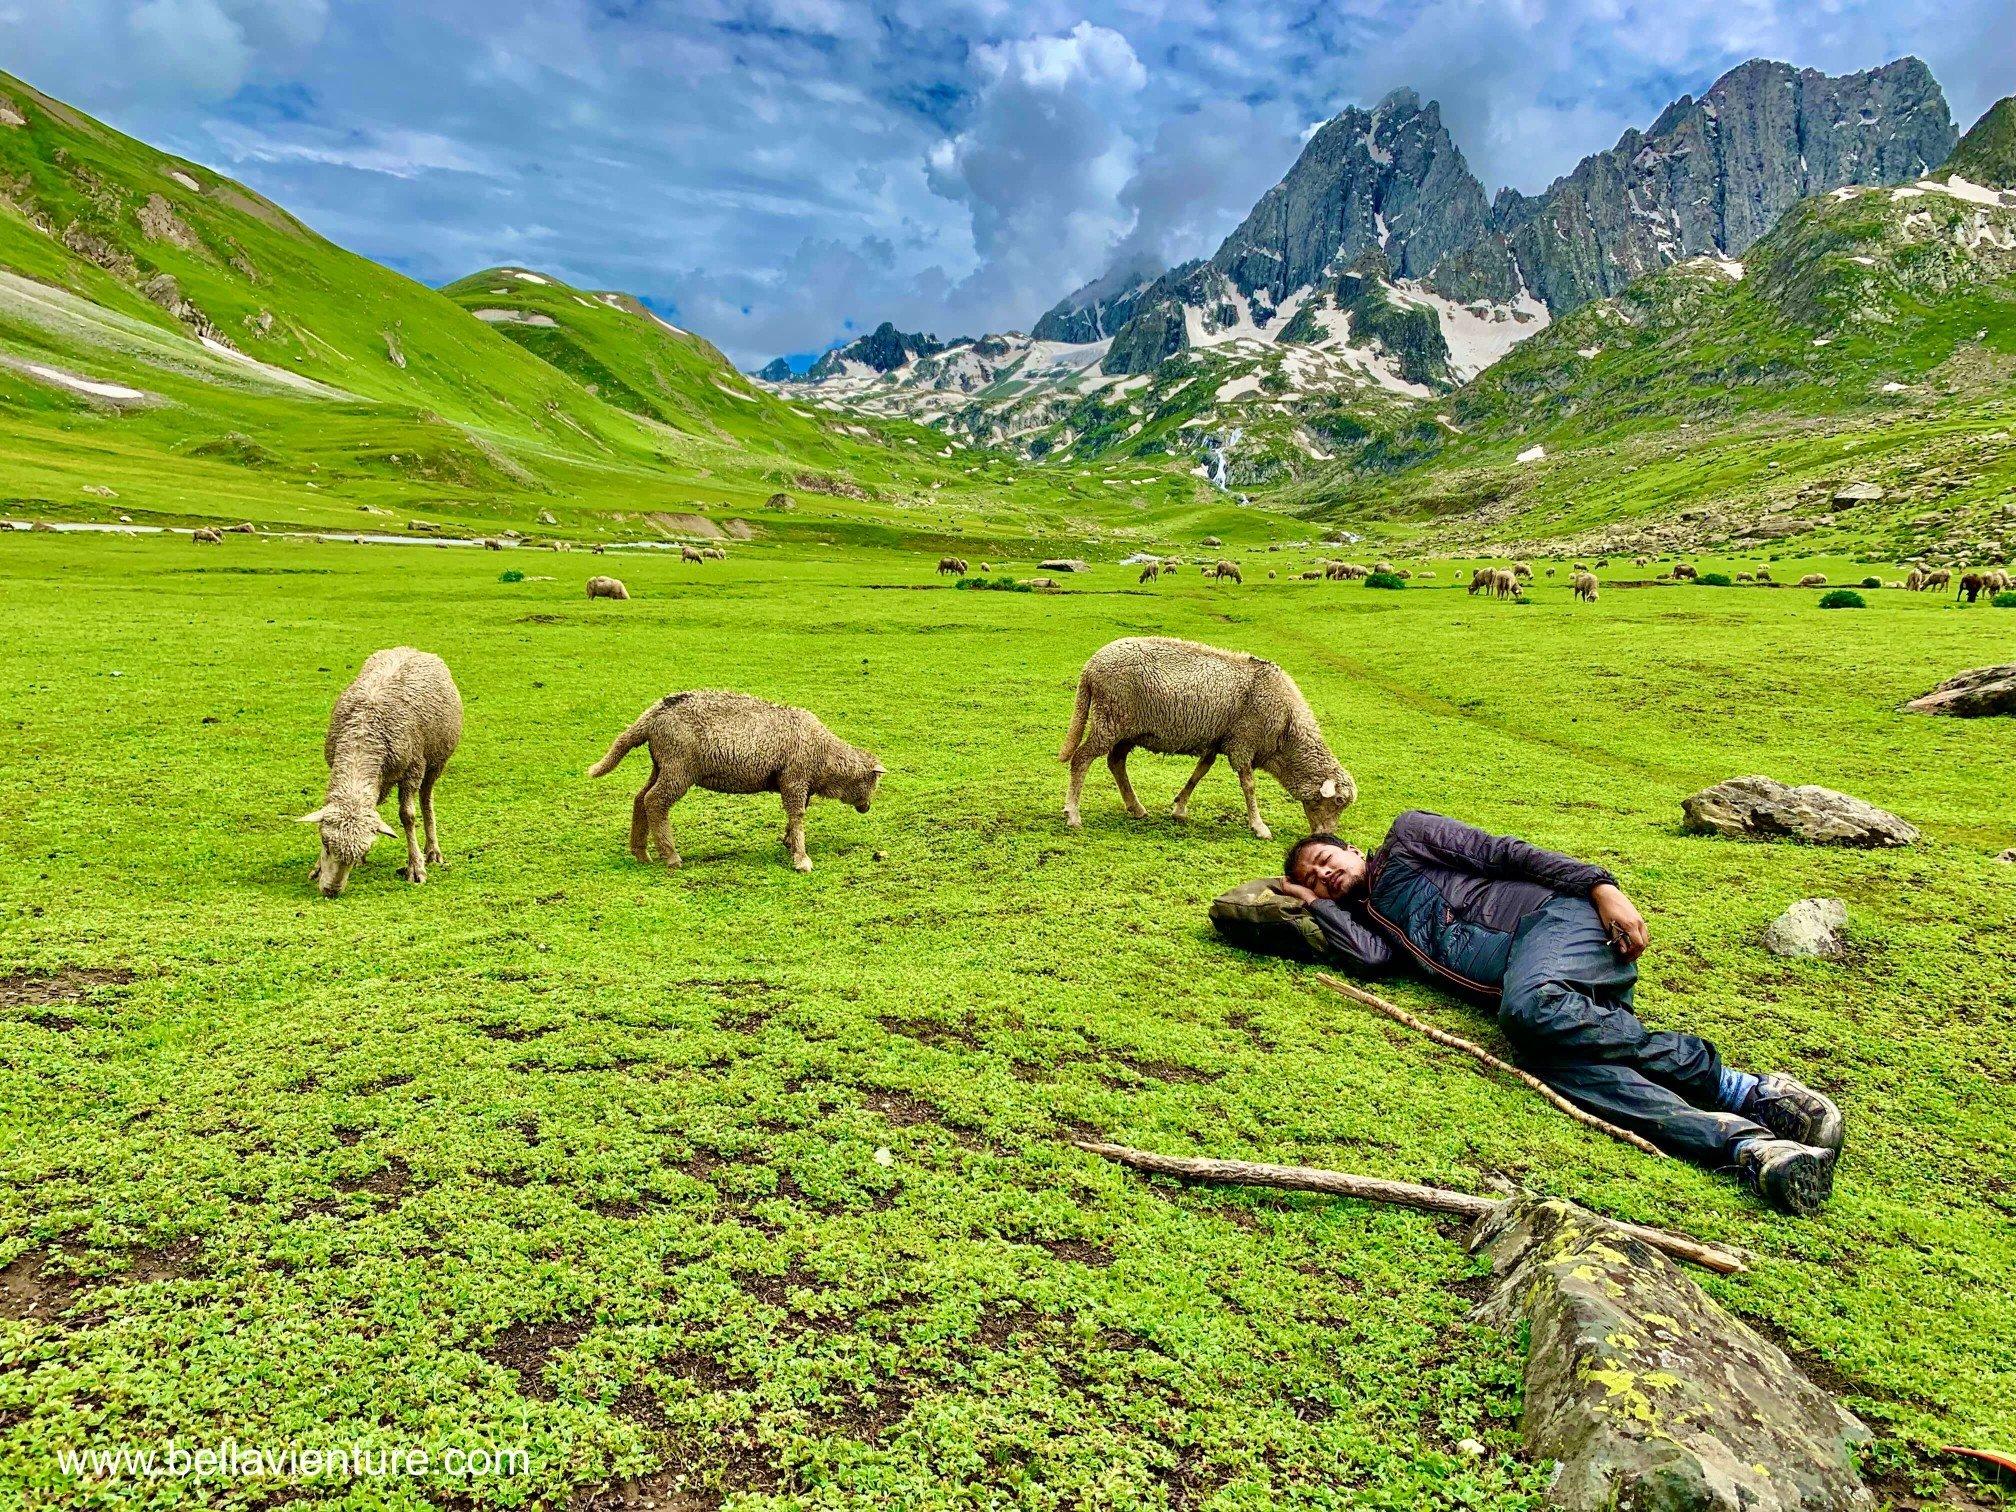 印度 India 北北印 North India 喀什米爾  Kashmir 八天七夜 健行 綿羊與午睡的印度團員